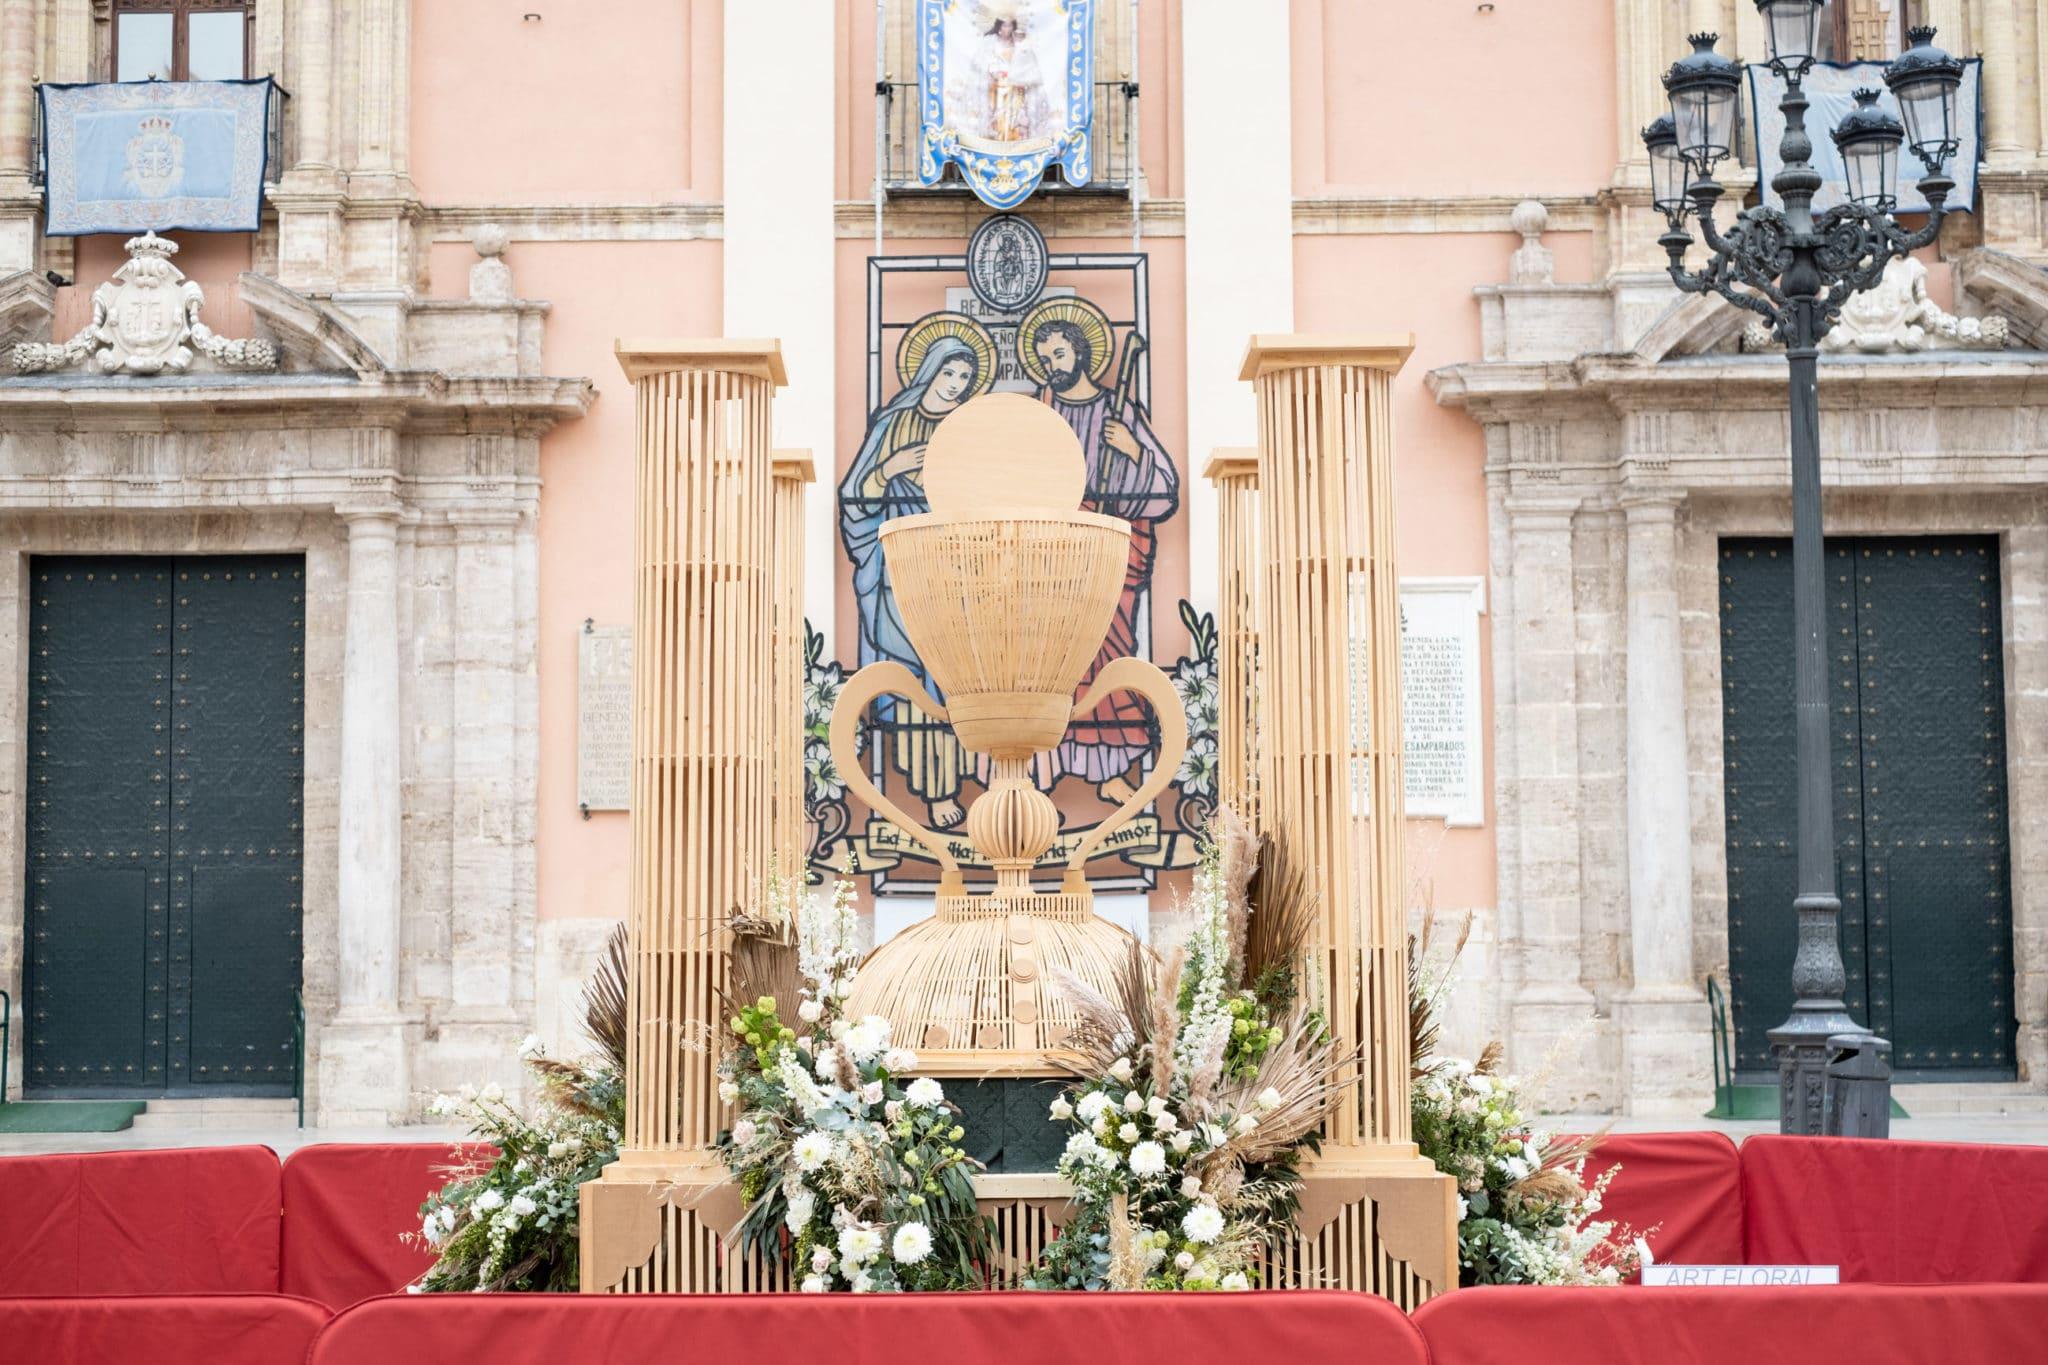 Programa de actos del Corpus Christi en Valencia